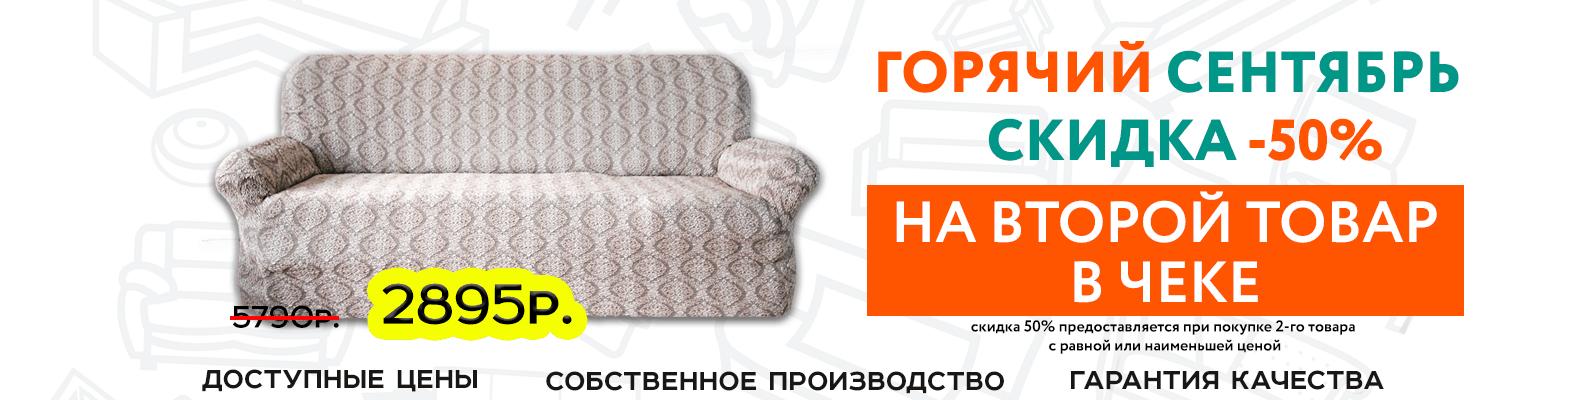 Чехлы и пледы - Купить чехлы на диван